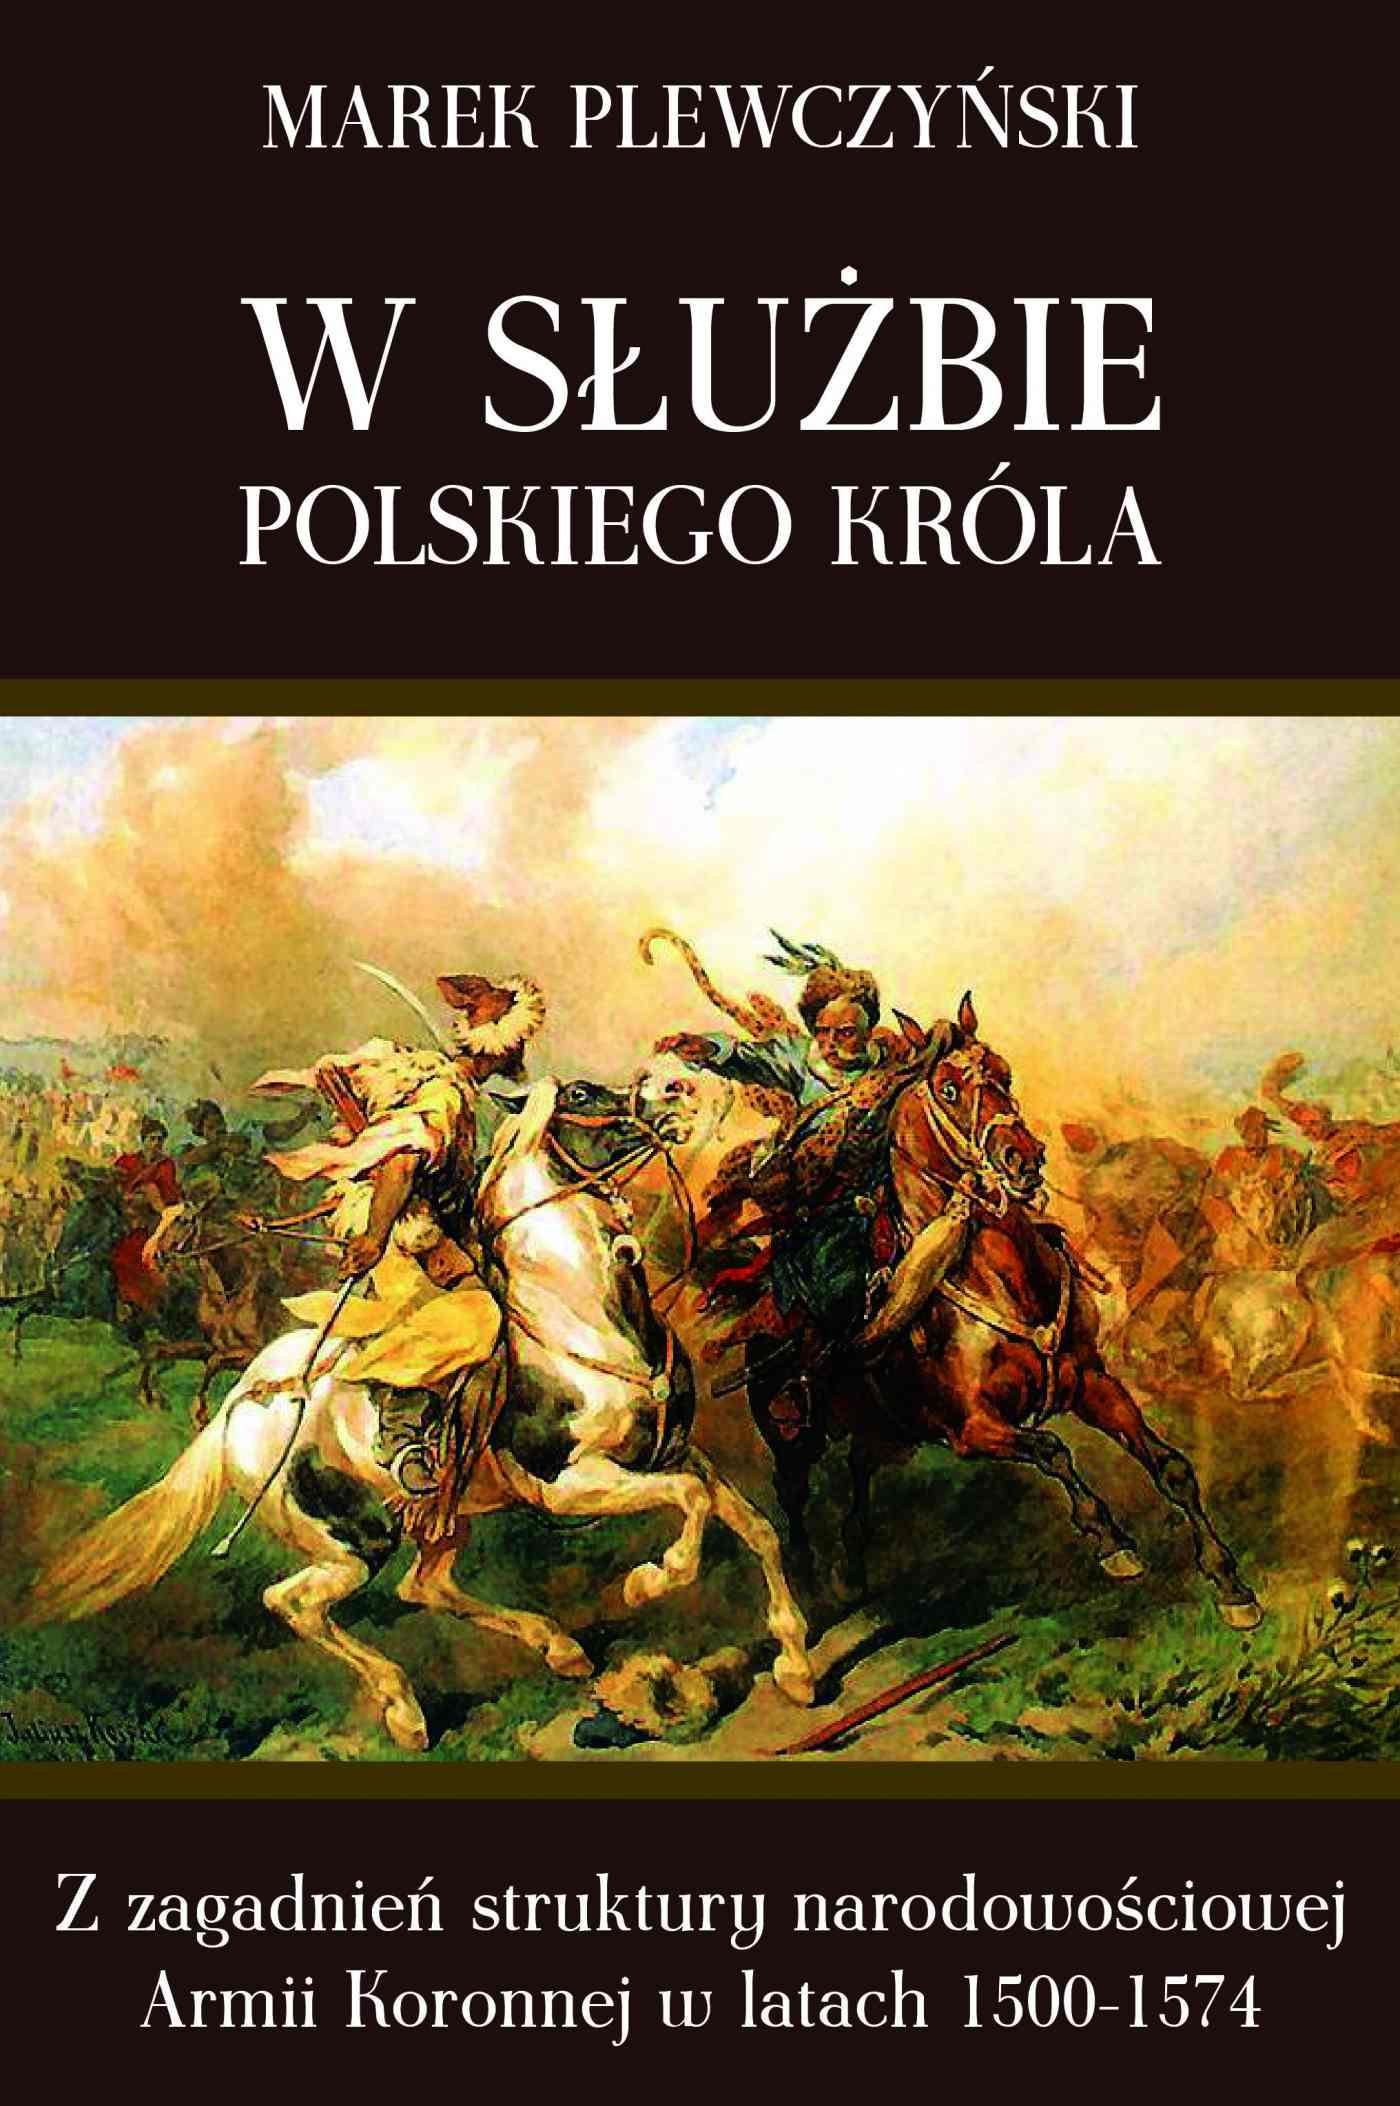 W służbie polskiego króla. Z zagadnień struktury narodowościowej Armii Koronnej w latach 1500-1574 - Ebook (Książka na Kindle) do pobrania w formacie MOBI